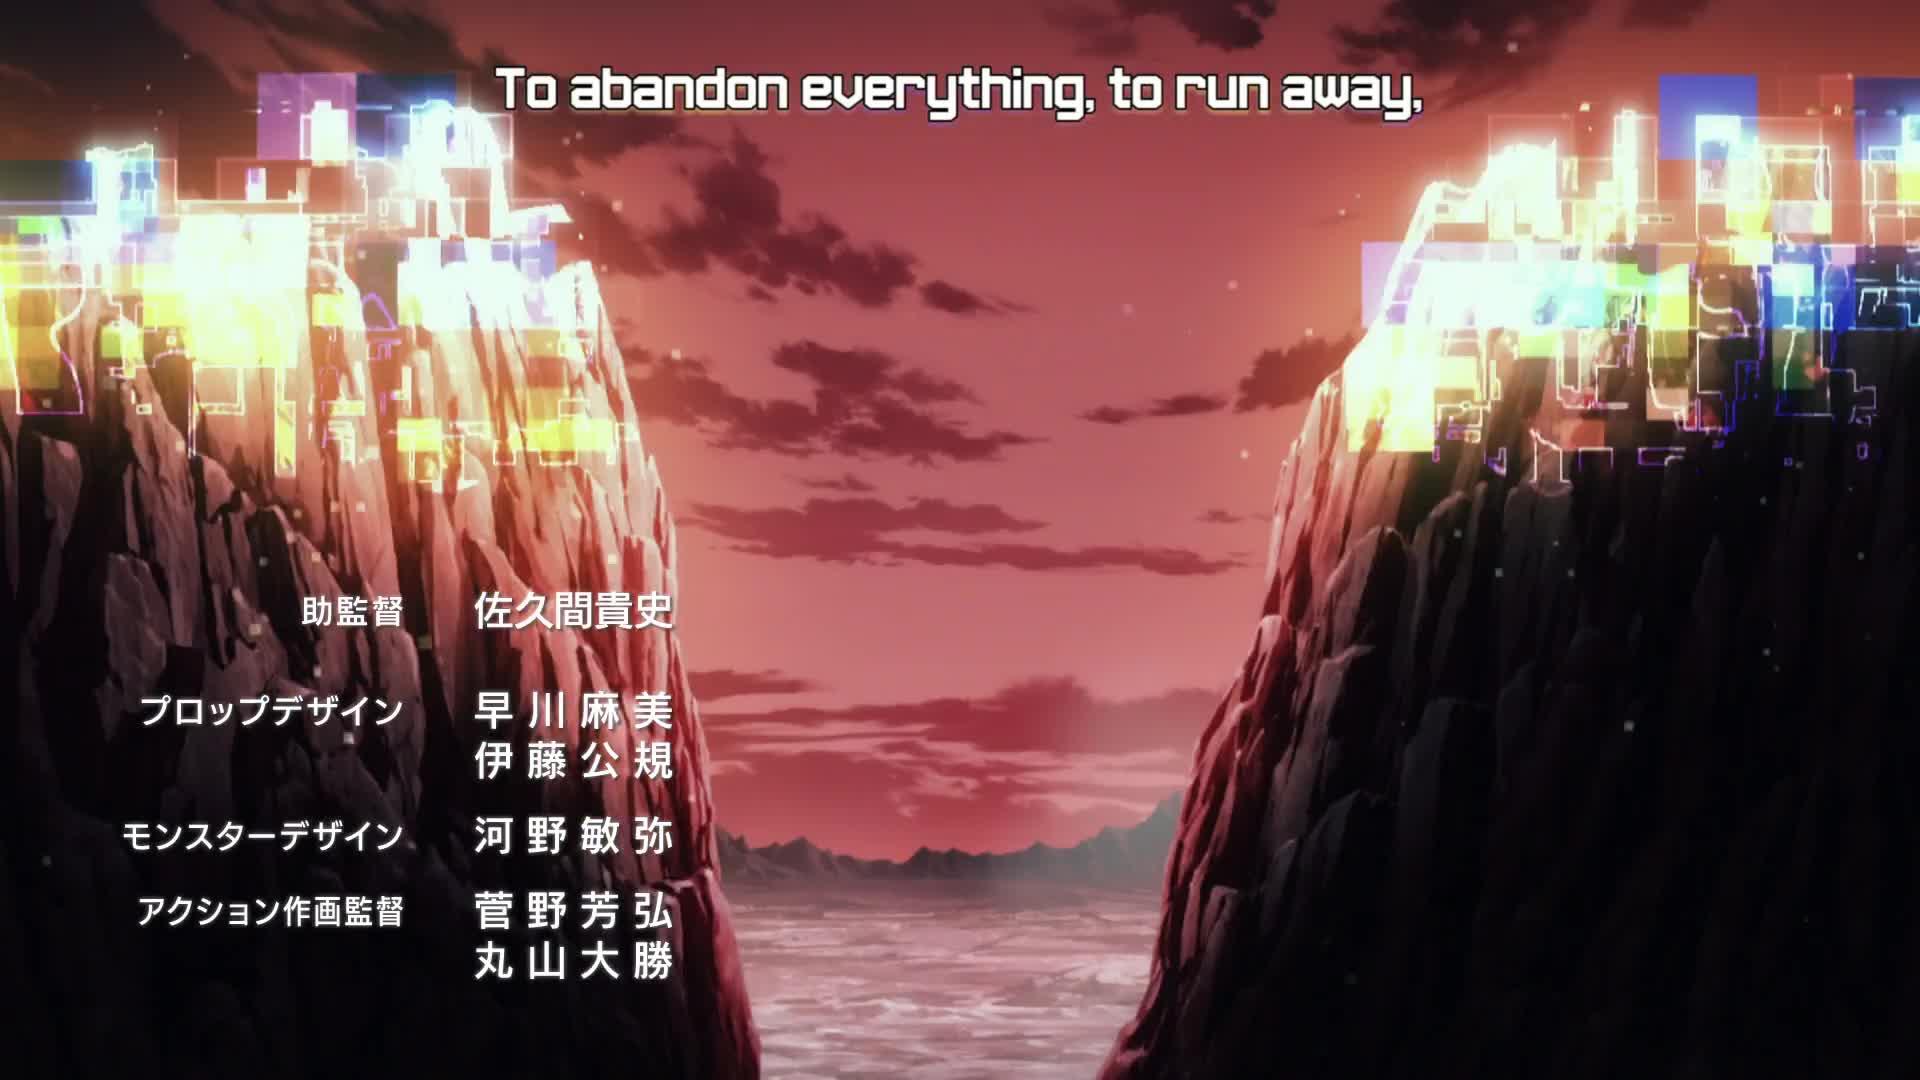 Sword Art Online: Alicization - War of Underworld - Episode 20